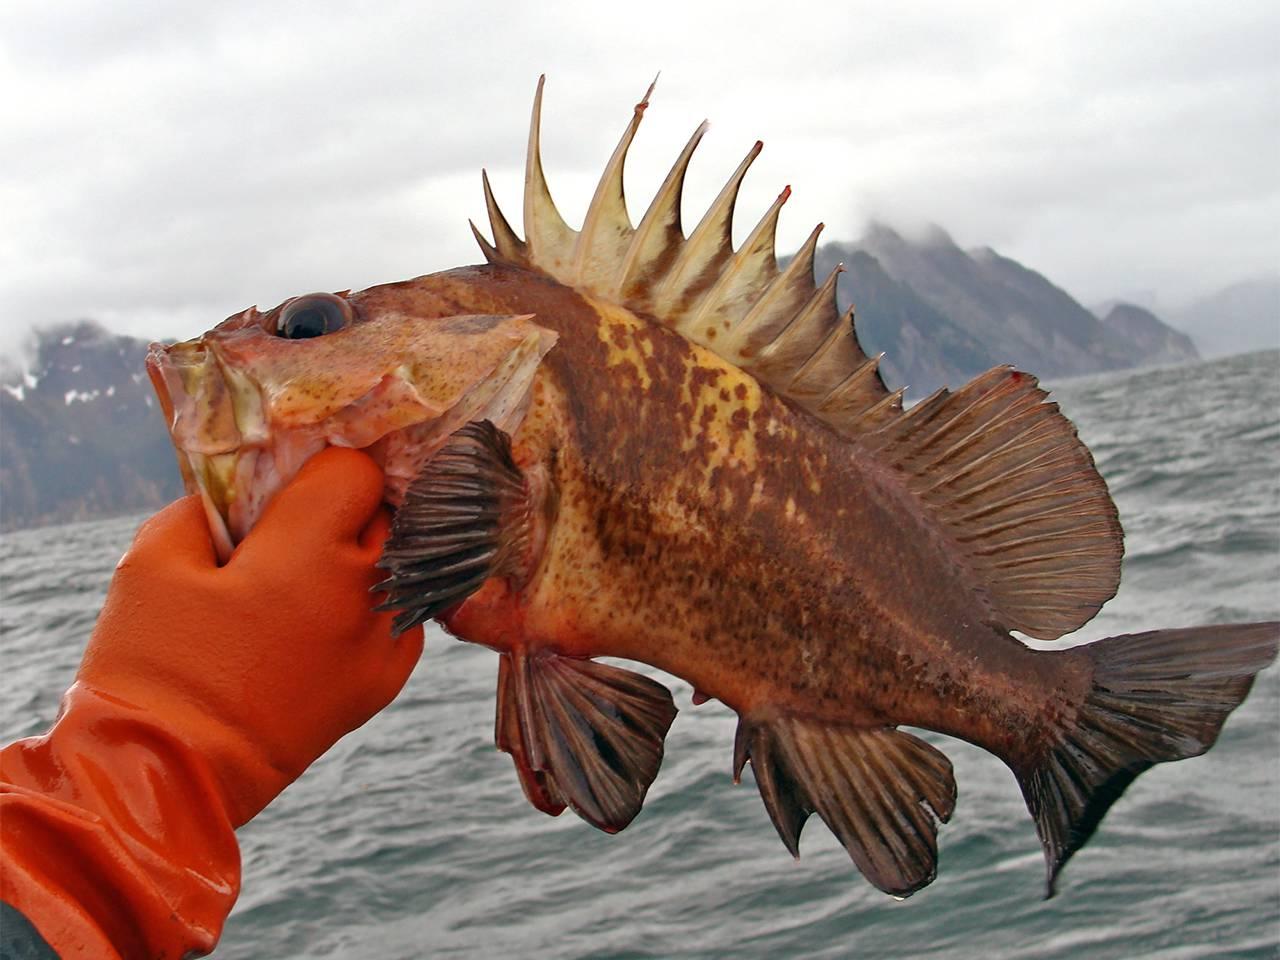 Alaska Rock Fishing - Alaskan Escape, Thorne Bay AK